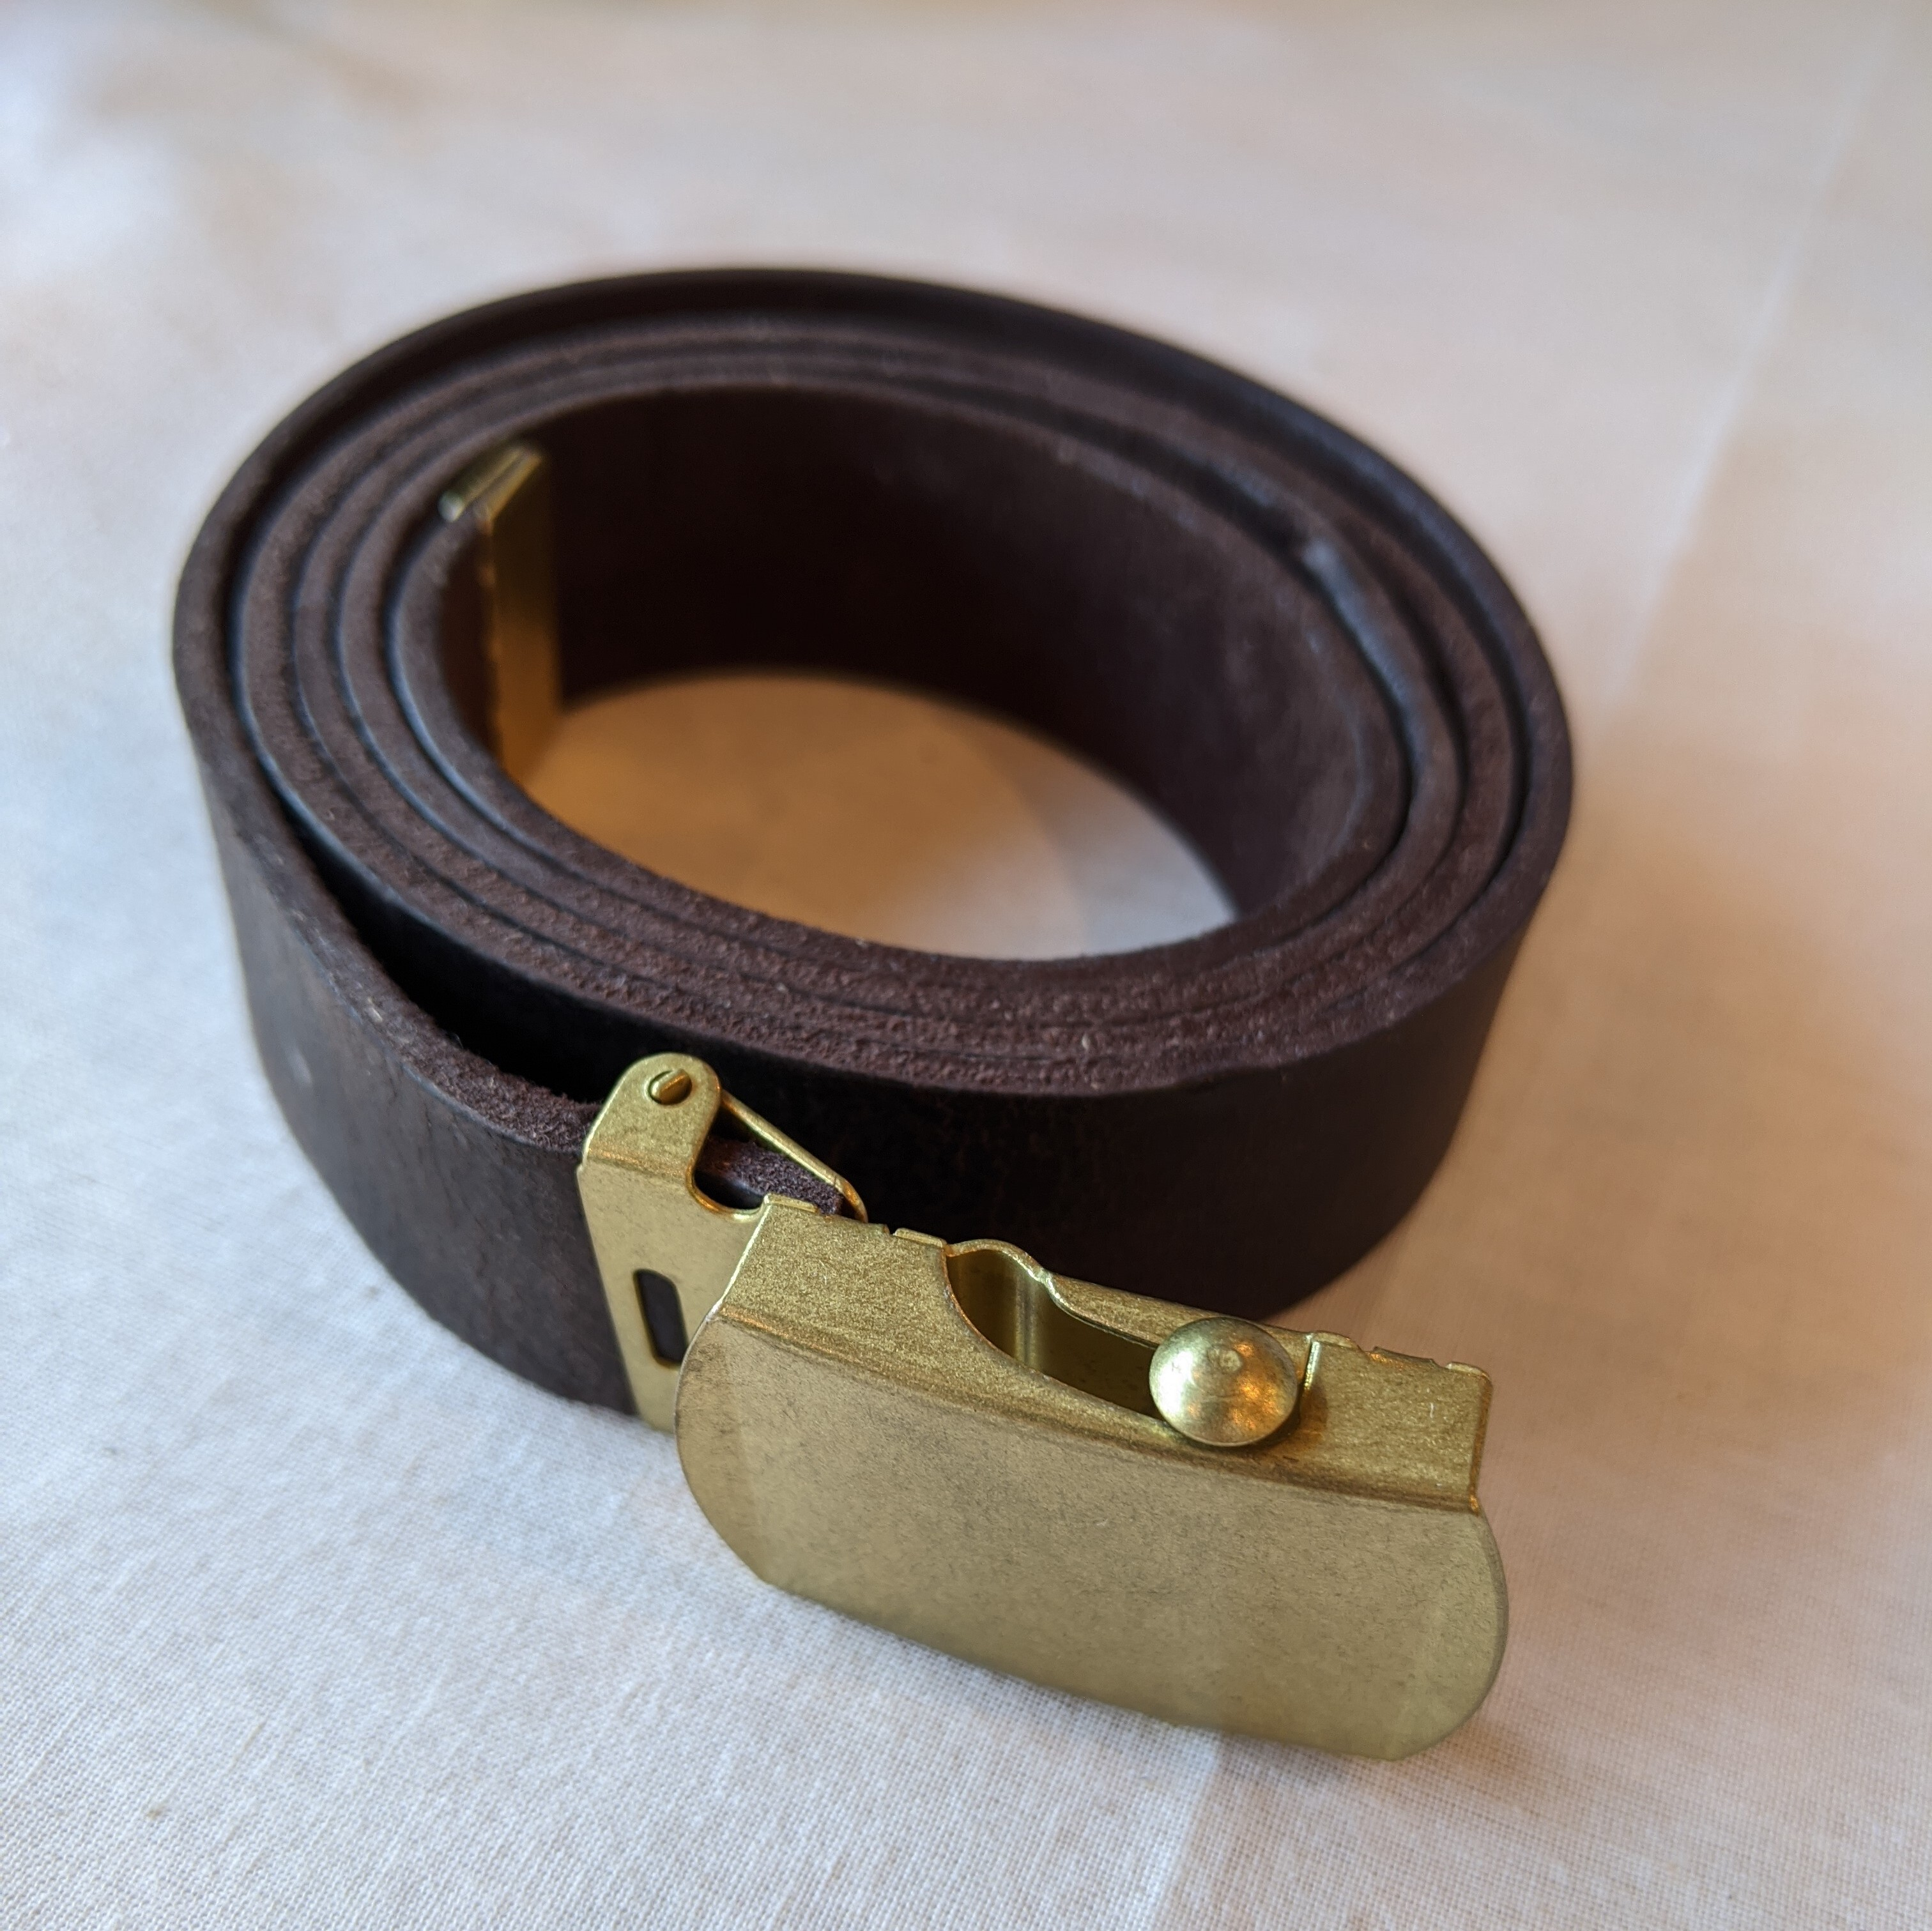 【 saranam 】サラナン Kudu  leather belt / クーズー ガチャベルト / gaucho, b.choco